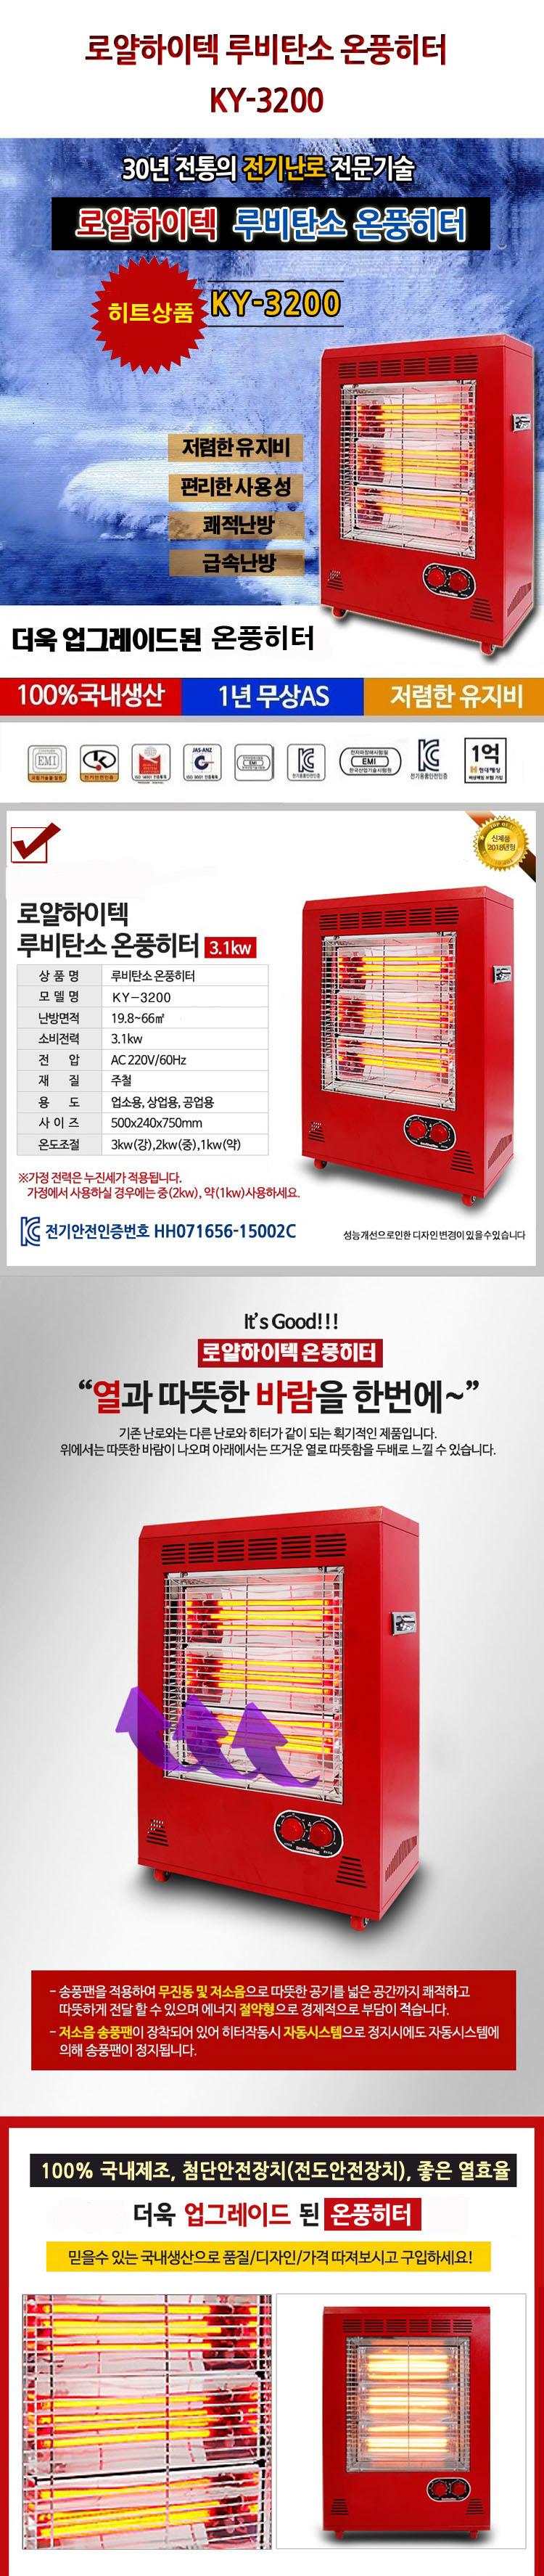 온풍히터,전기히터,카본히터,절전형히터,세라믹히터